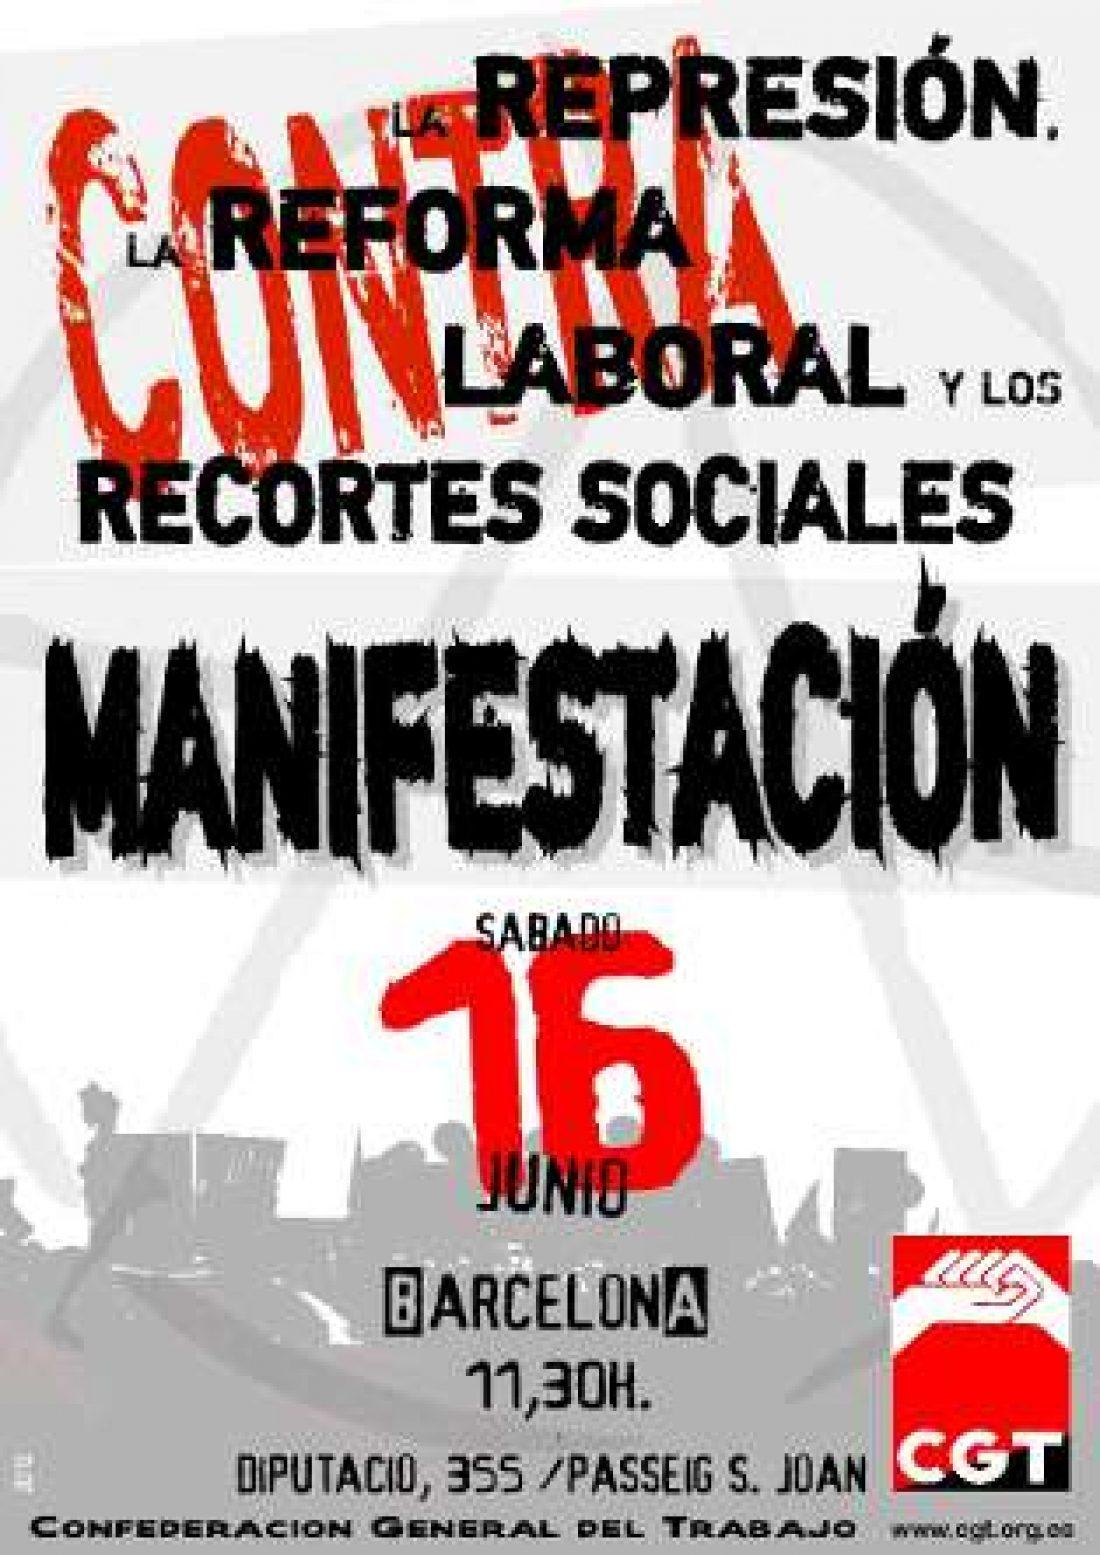 CGT convoca una manifestación el día 16 de junio en Barcelona contra la represión, la reforma laboral y los recortes sociales